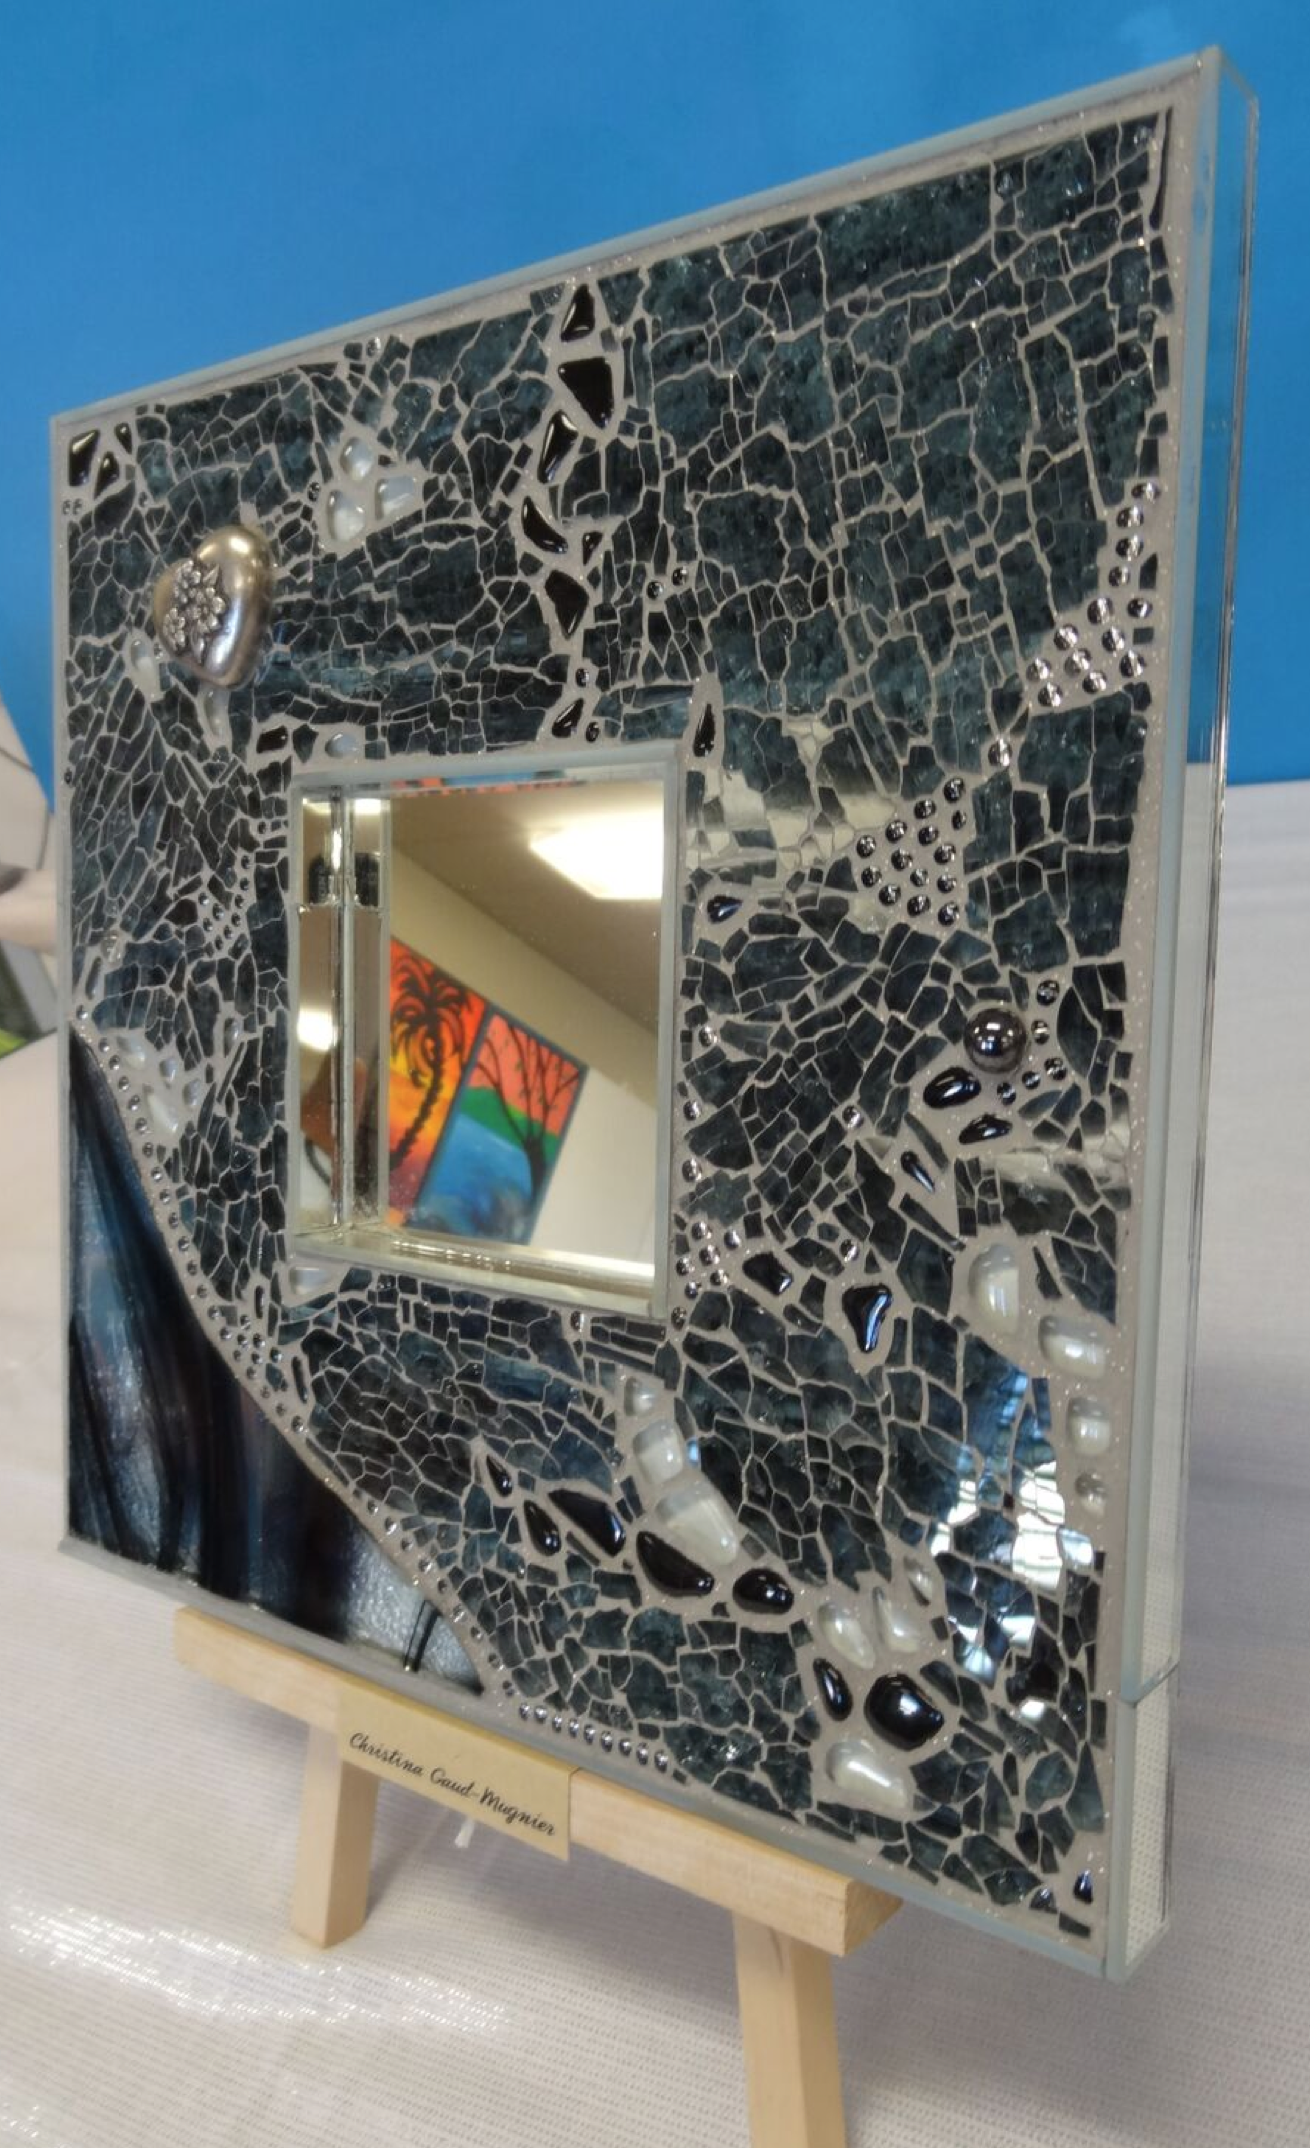 miroir :stained glass, nuggets et verre feuilleté